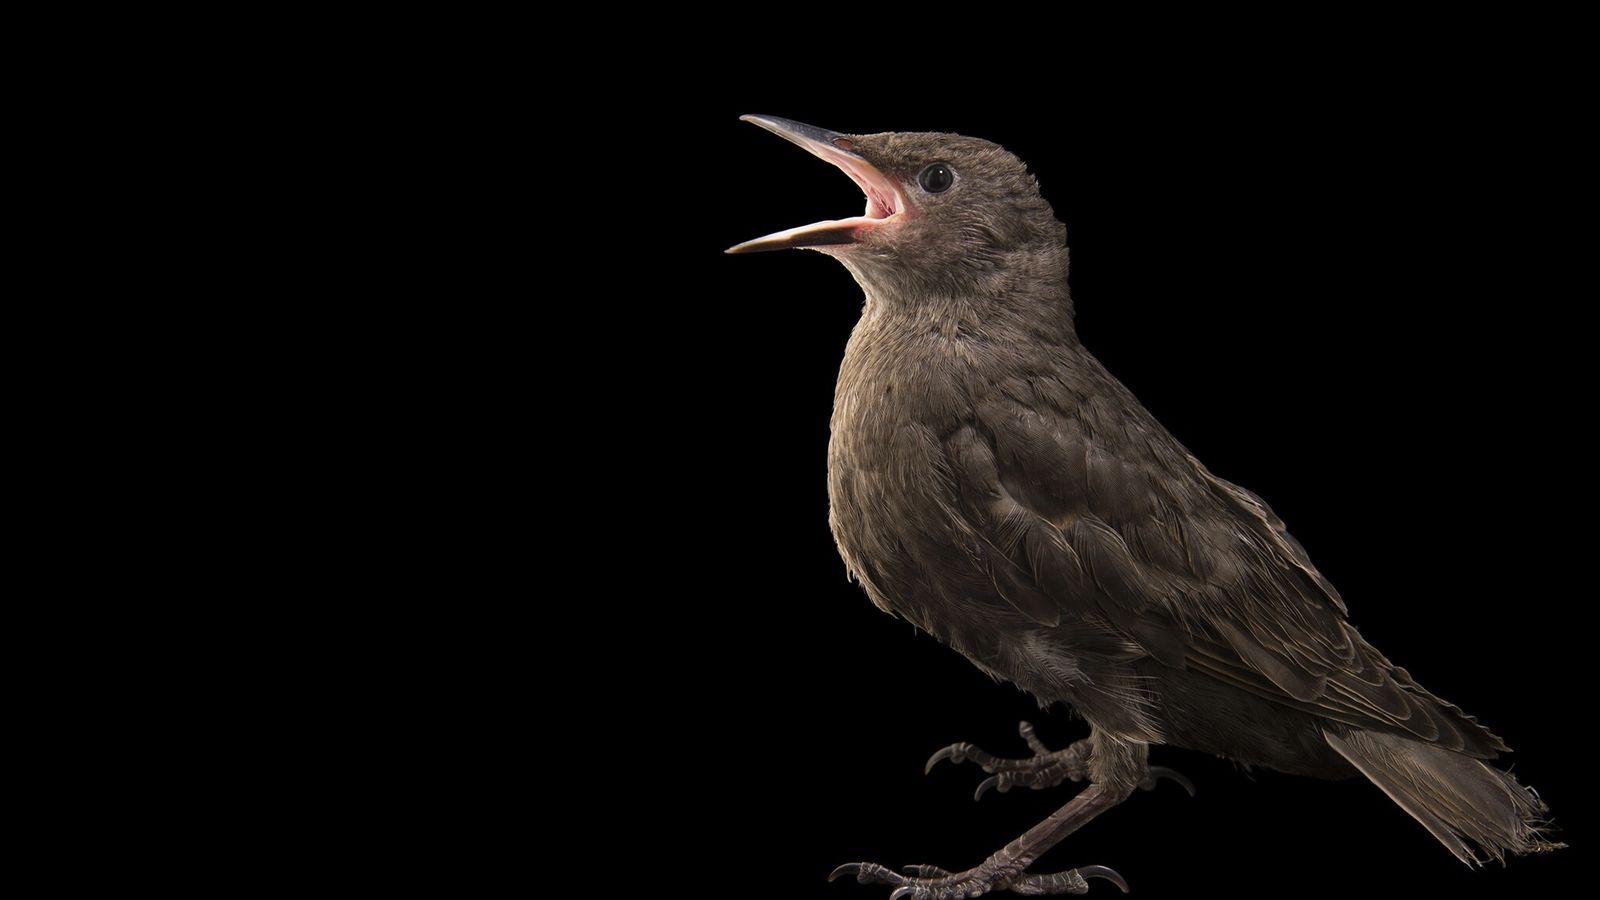 Un étourneau sansonnet, espèce de passereaux de la famille des sturnidés, originaire de la plus grande ...